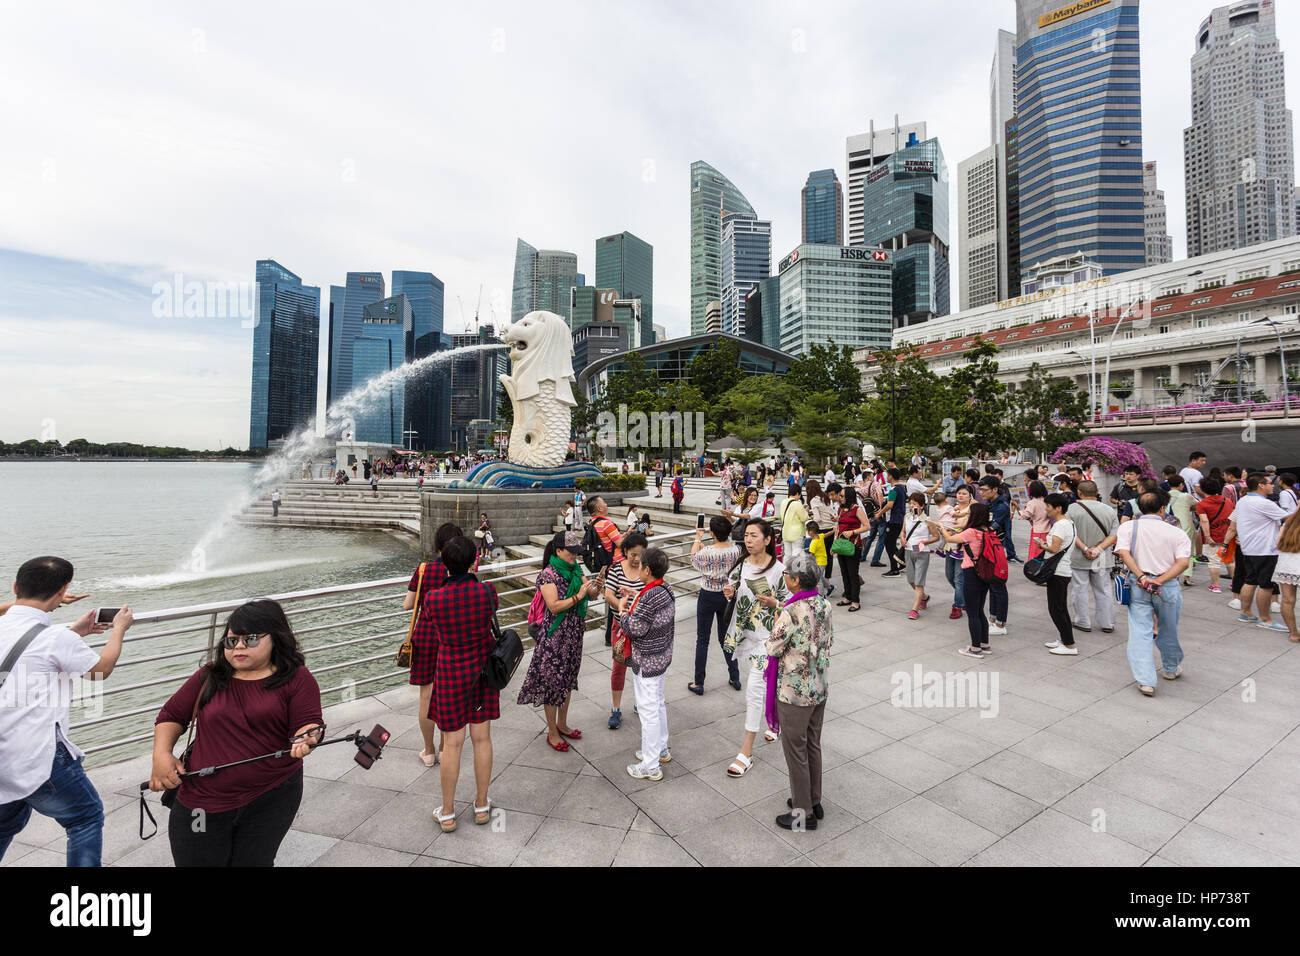 Singapour, Singapour - Septembre 21, 2016: les touristes de prendre des photos en face de la célèbre skyline de Singapour et la statue du Merlion dans la Marina Bay. Banque D'Images